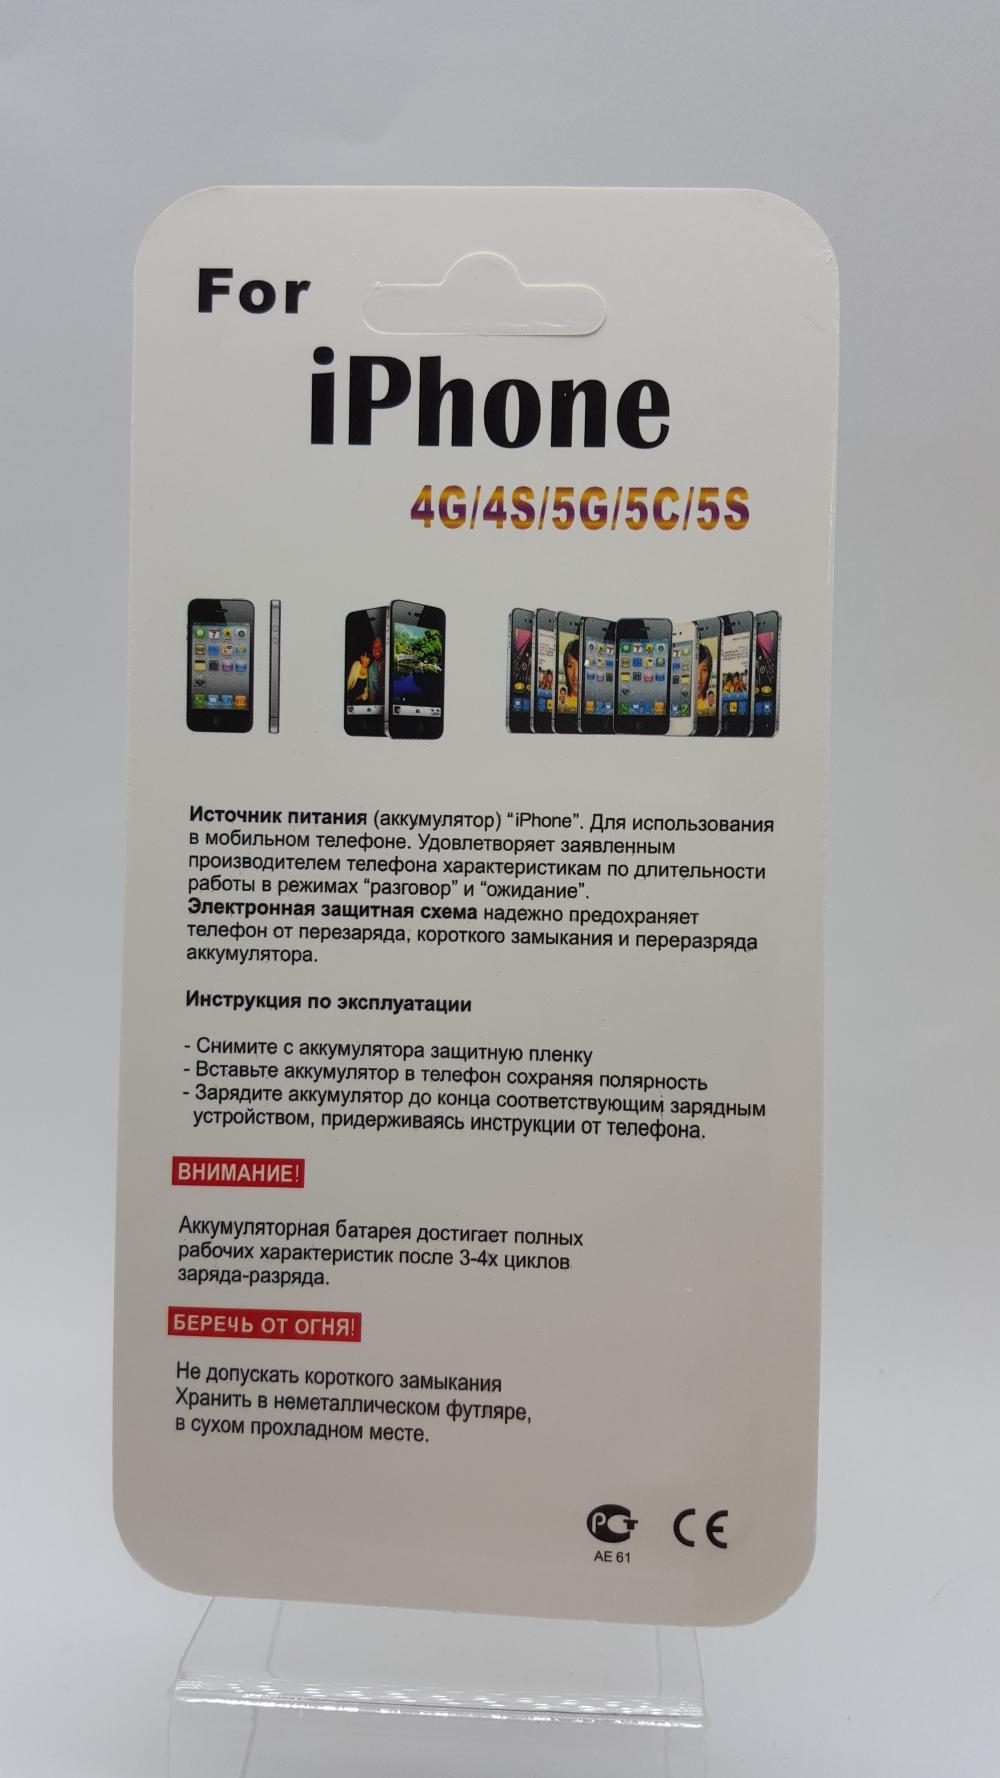 Аккумулятор Apple iPhone 4G 1420 mAh, 3.7V Батарея - 1